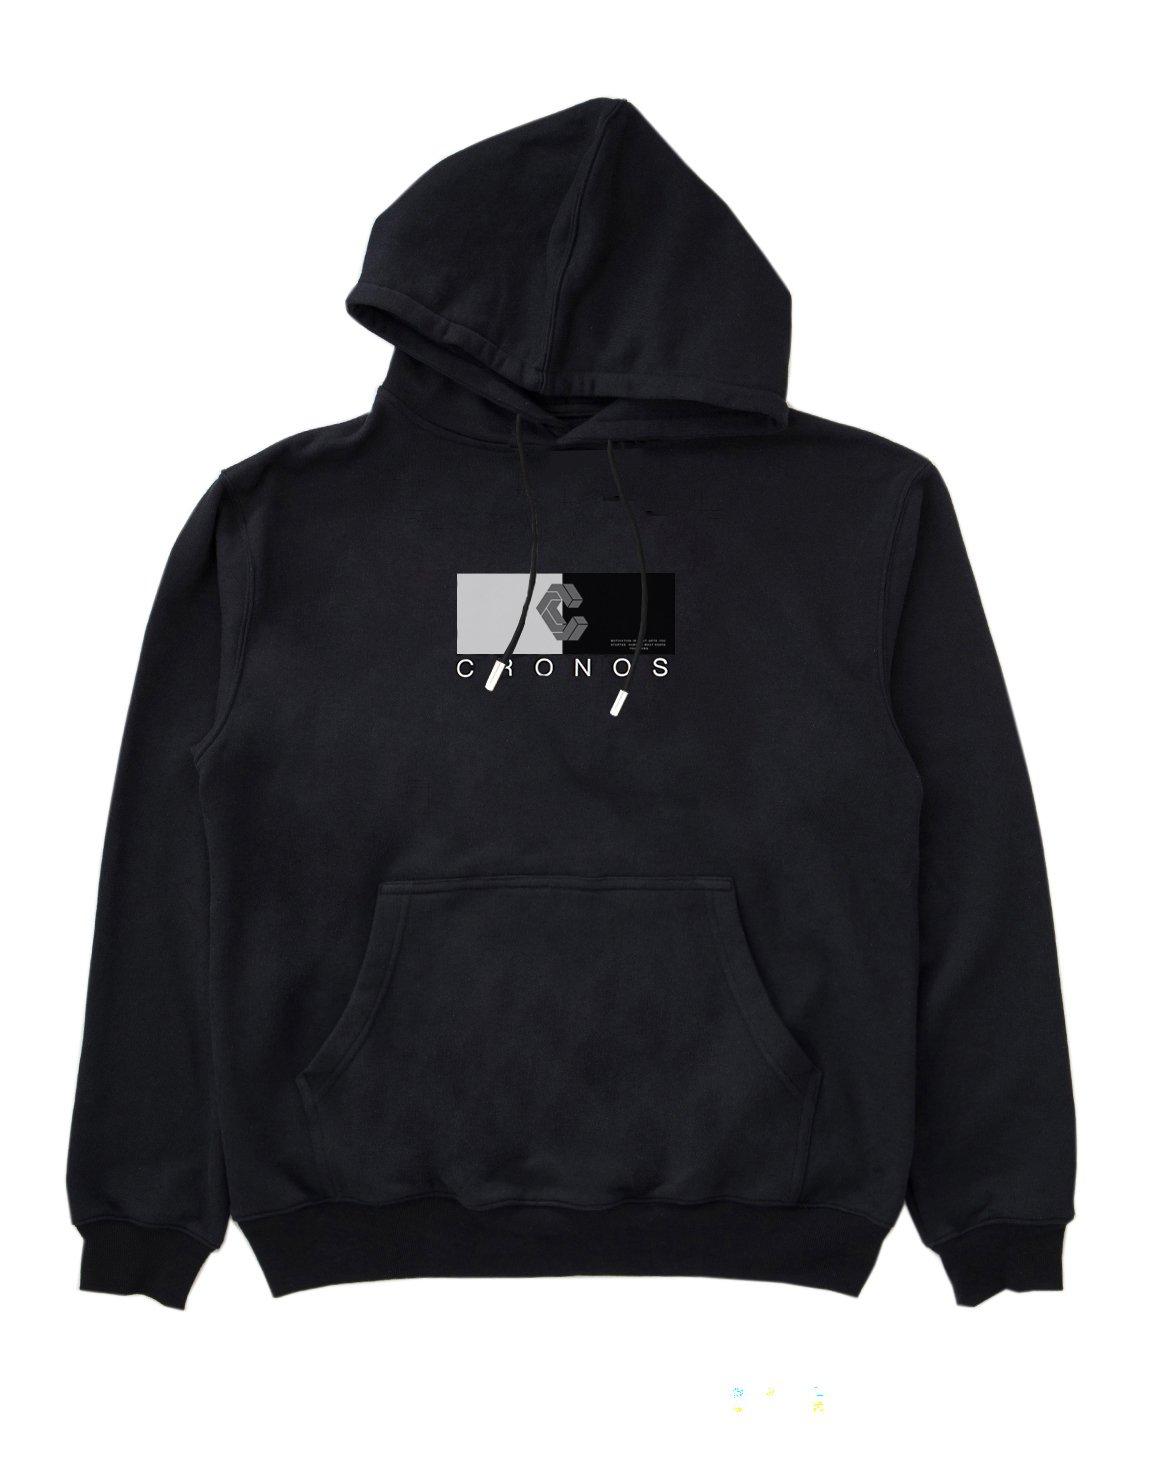 CRONOS HALF COLOR HOODY 【BLACK】